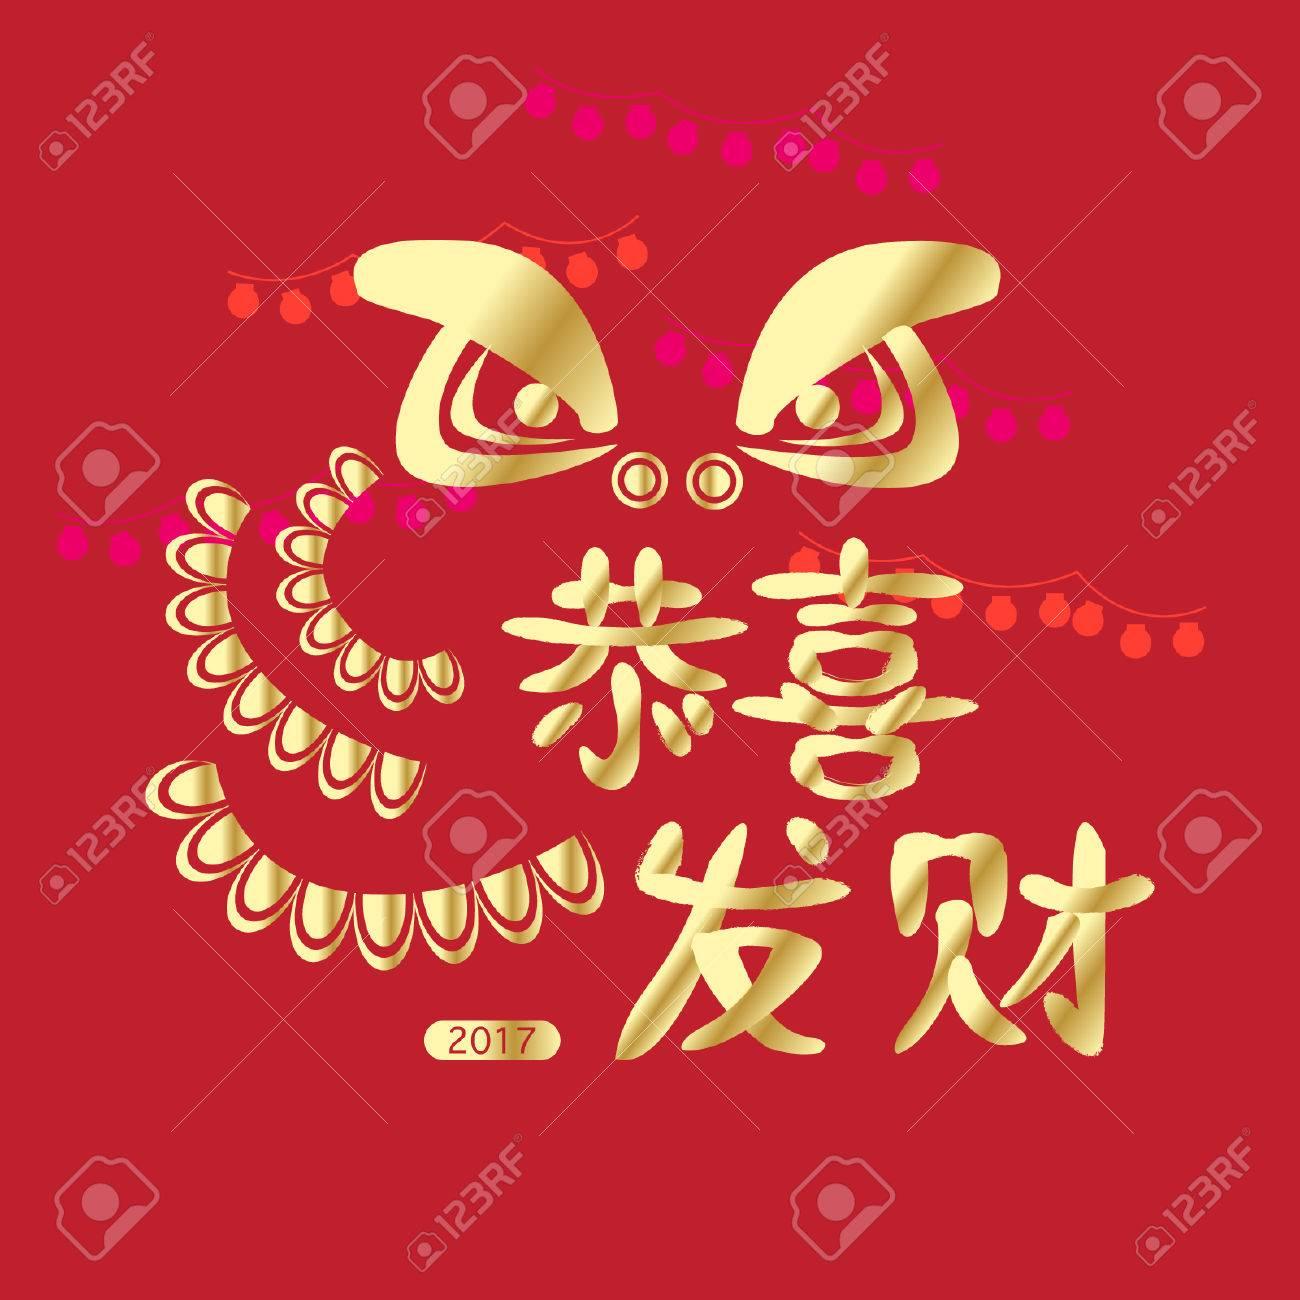 Chinesisches Neues Jahr 2017 Design Von Löwentanz. Chinesische ...